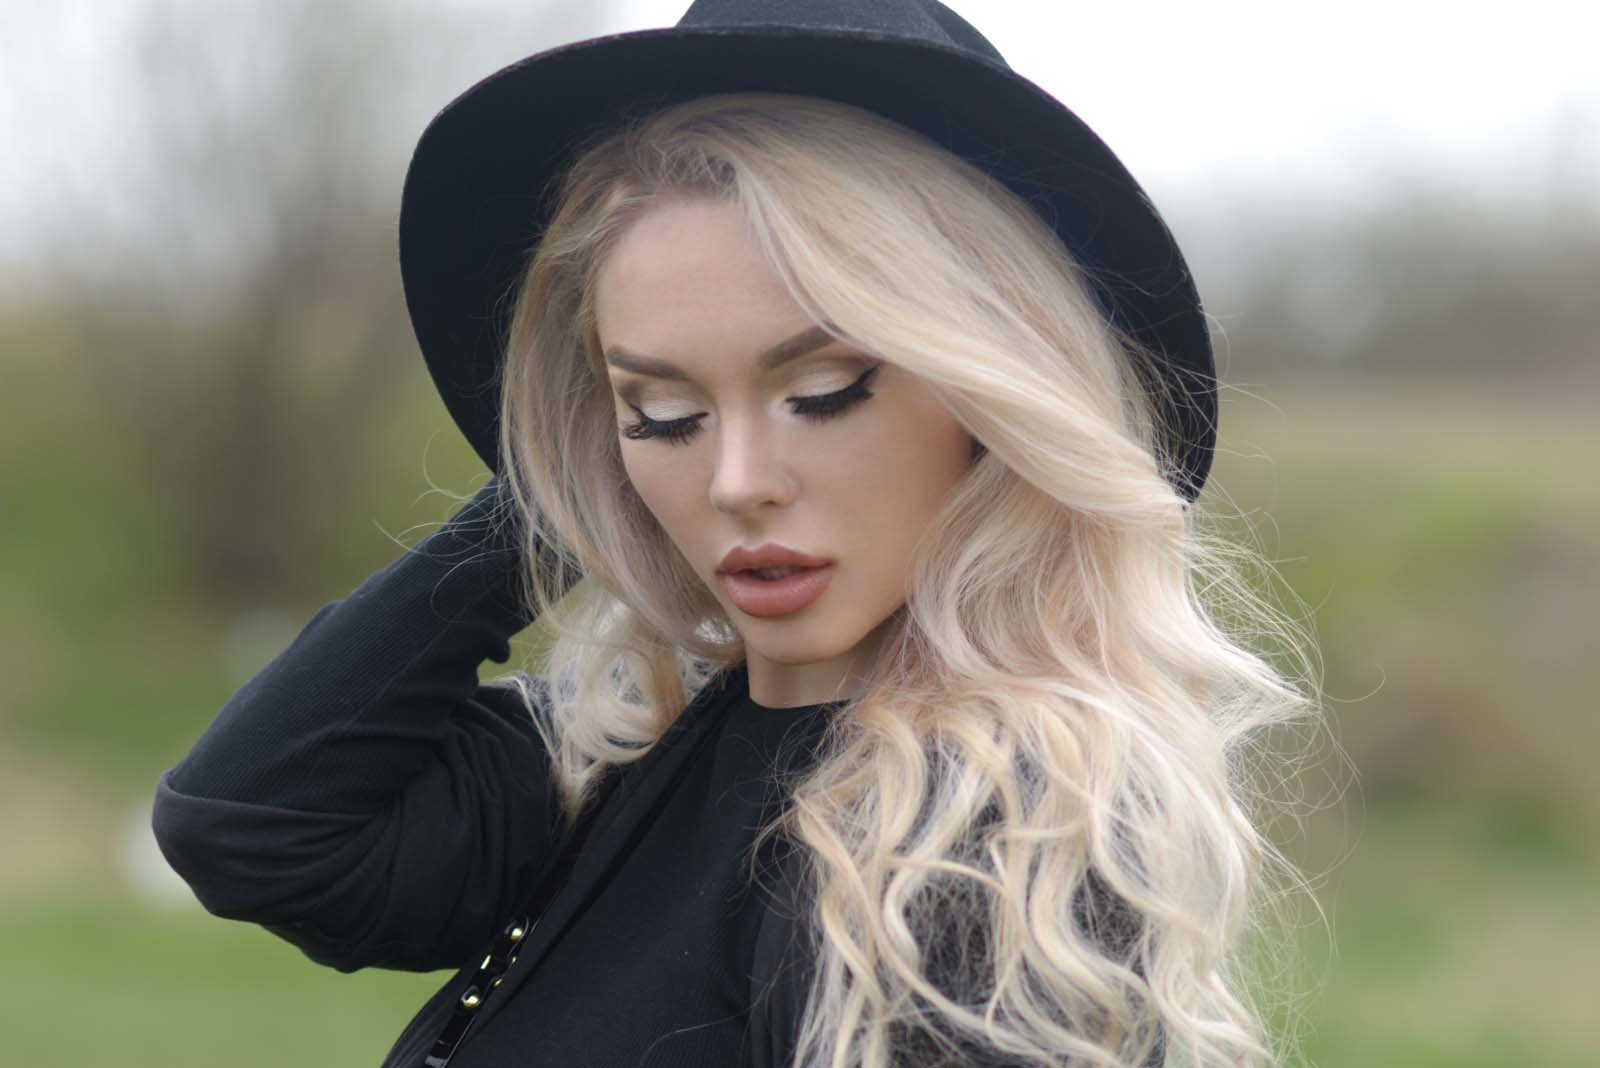 02_vintage_pattern_skirt_black_hat_pompon